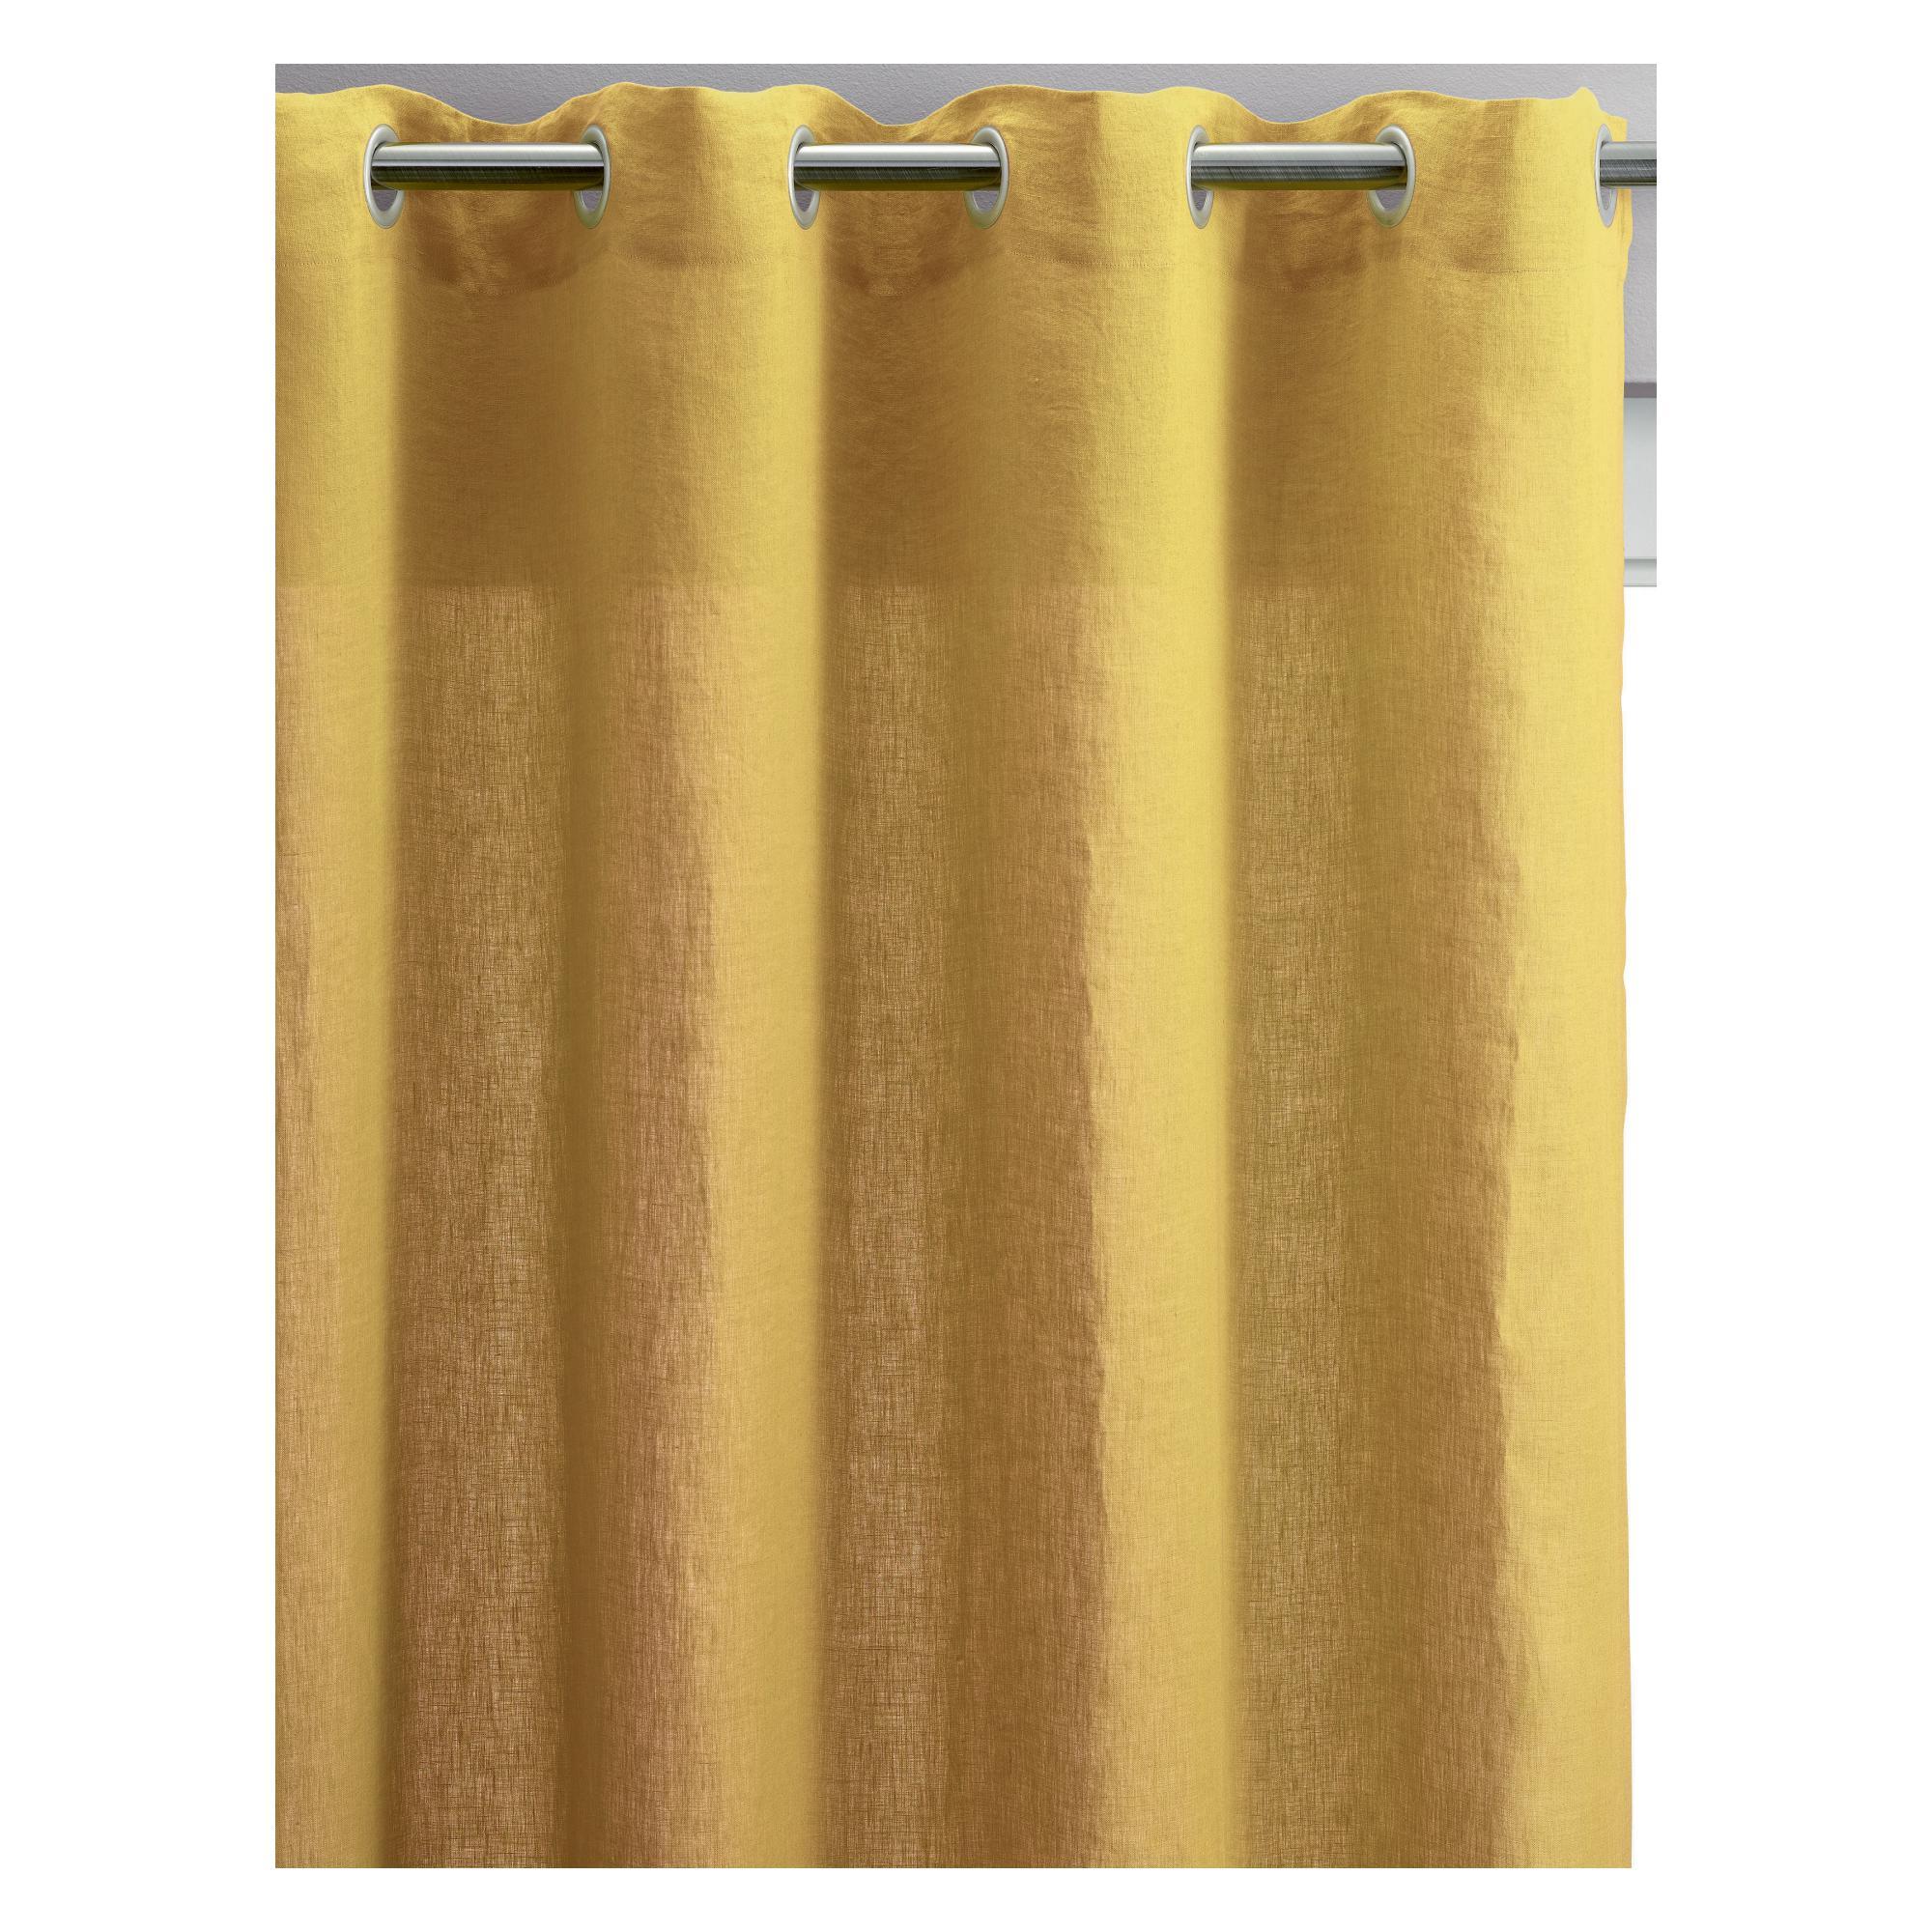 Rideau voile Zeff en lin absynthe 140 x 280